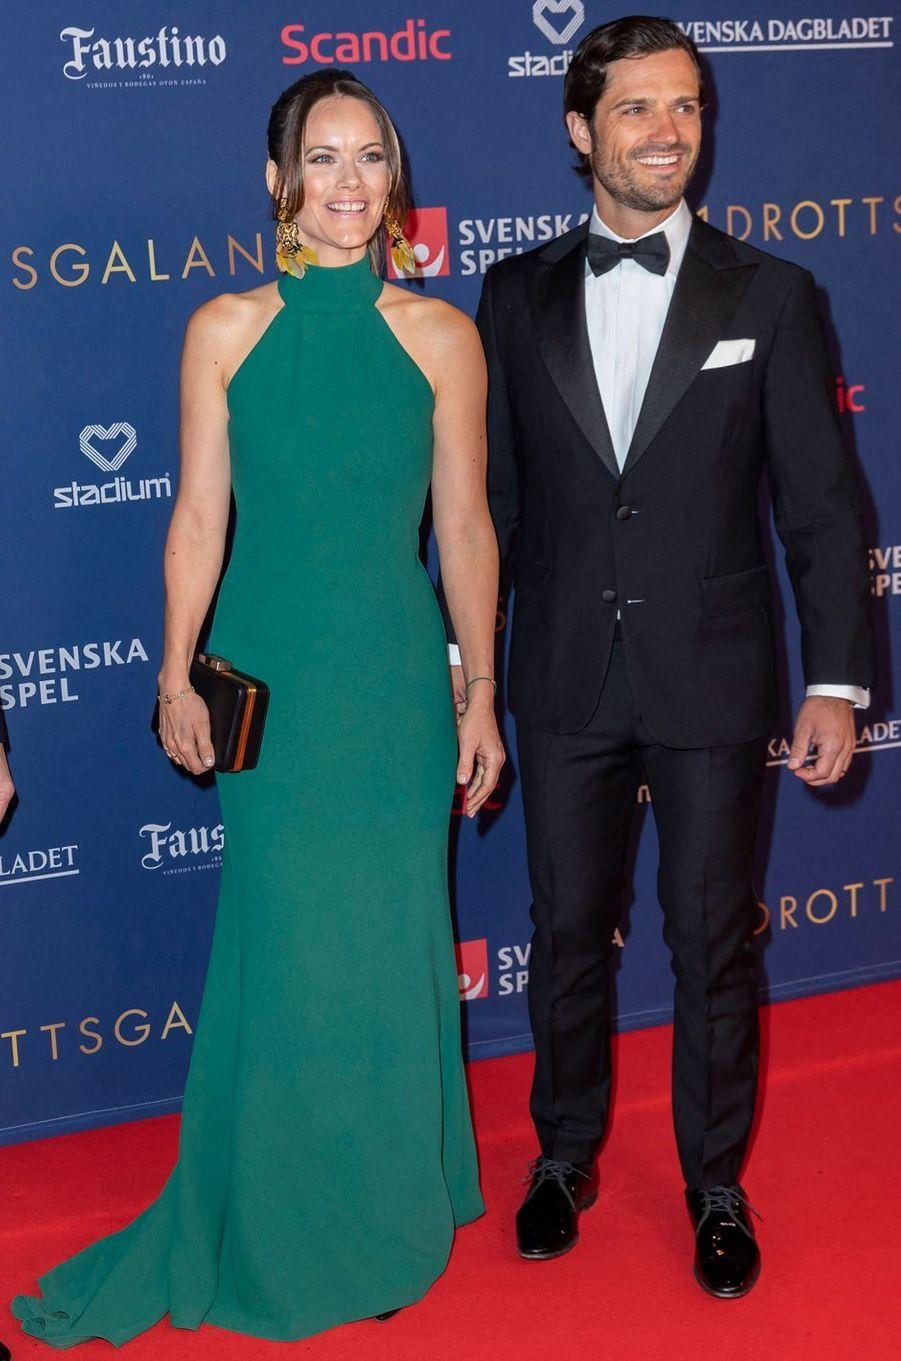 La princesse Sofia et le prince Carl Philip de Suède à Stockholm, le 27 janvier 2020